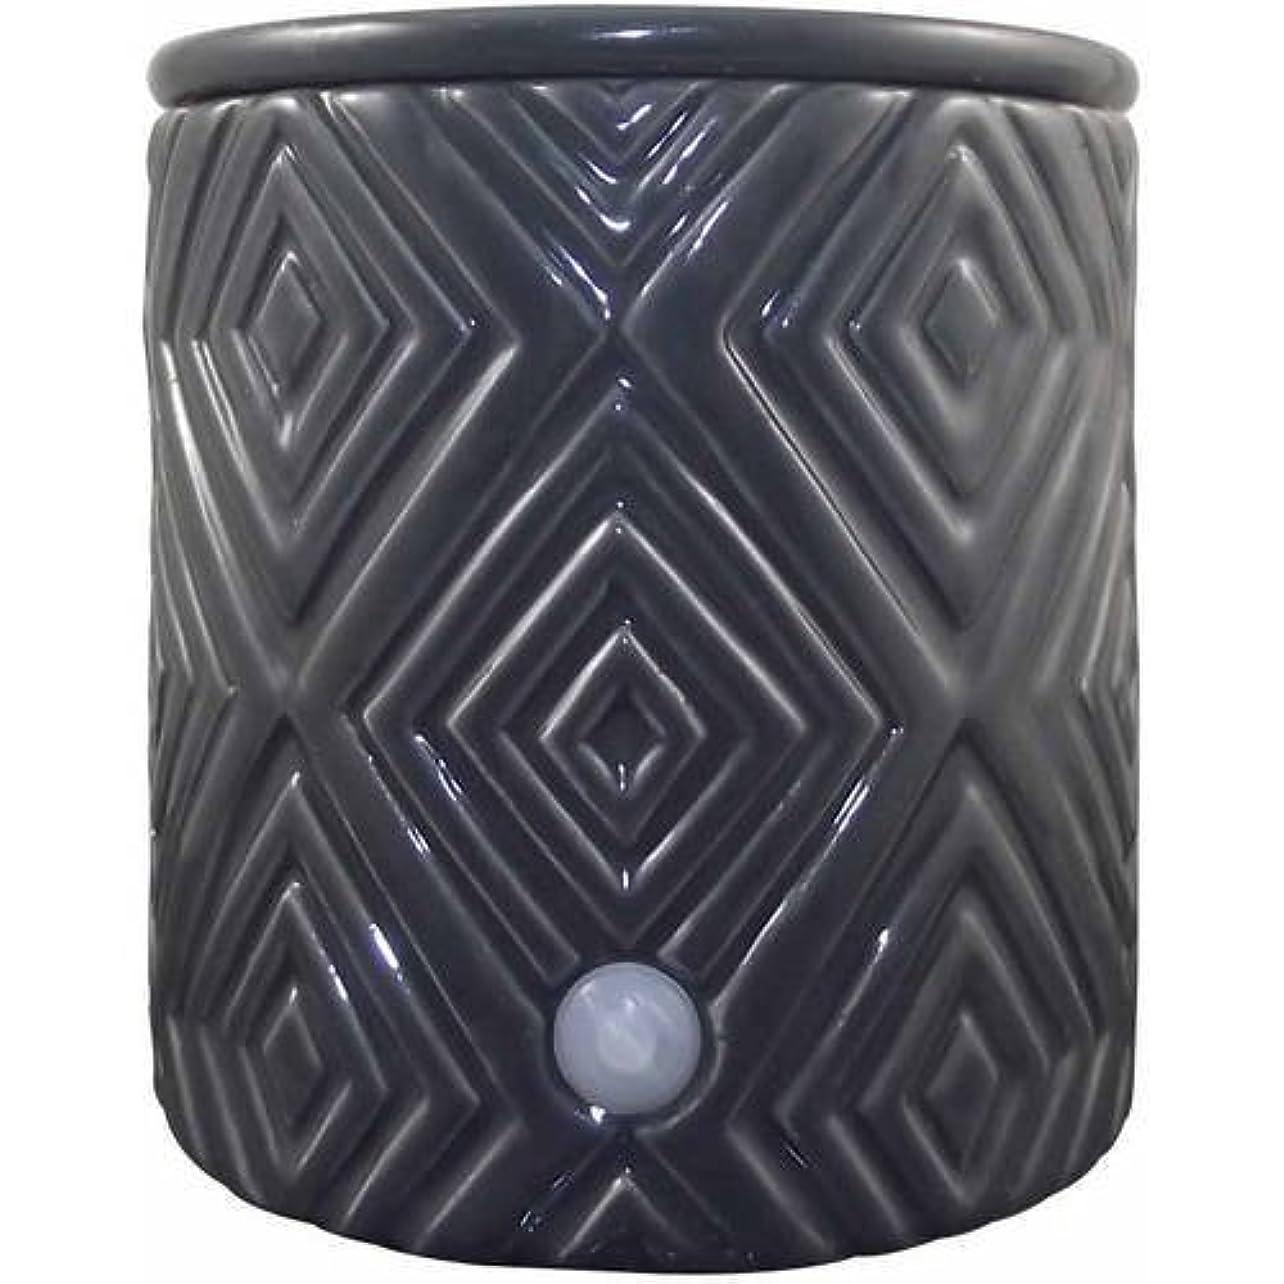 アラートラブ批判的にElectric Wax Warmer – Use to Melt Scented Candleキューブ – グリーン装飾 – アロマセラピーAcessory – Fill Yourホームwith Fragrance by...